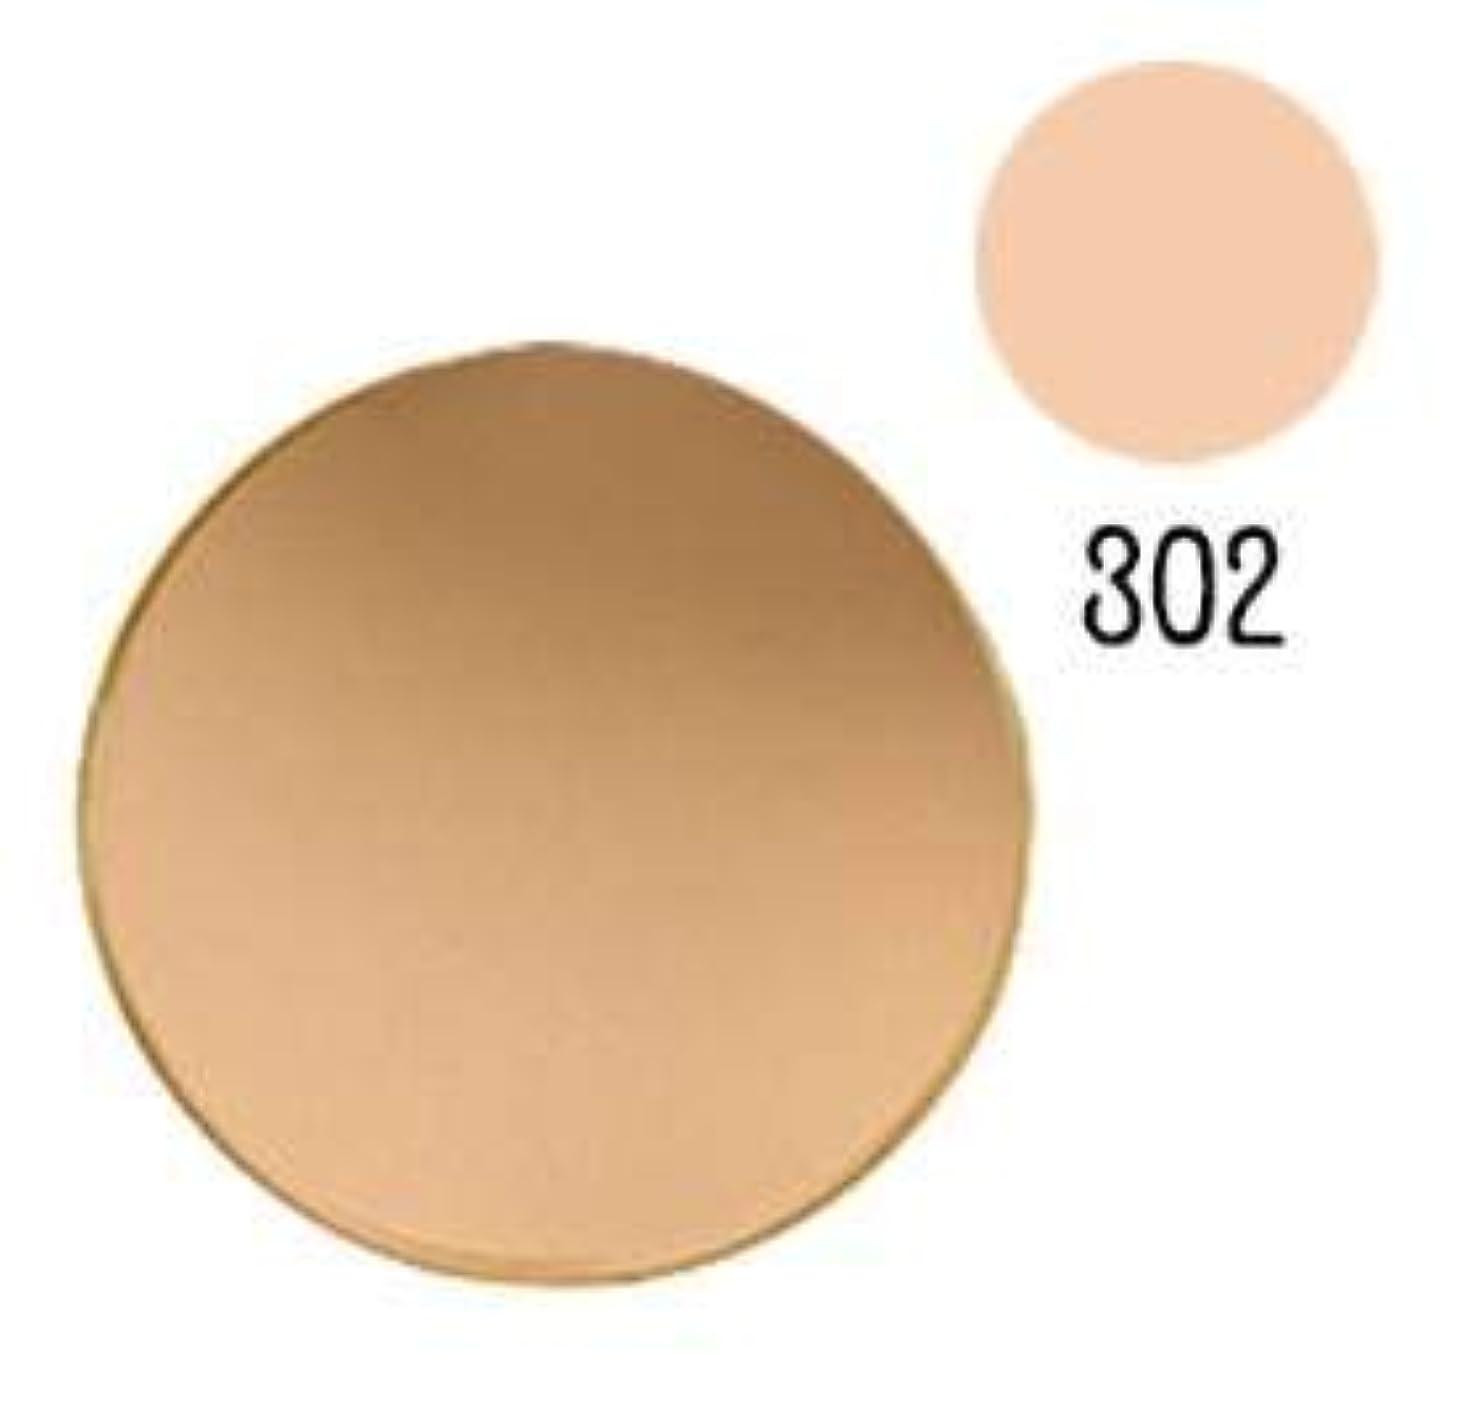 コスメデコルテ エタニア シュール ファンデーション<302> レフィル SPF15/PA++